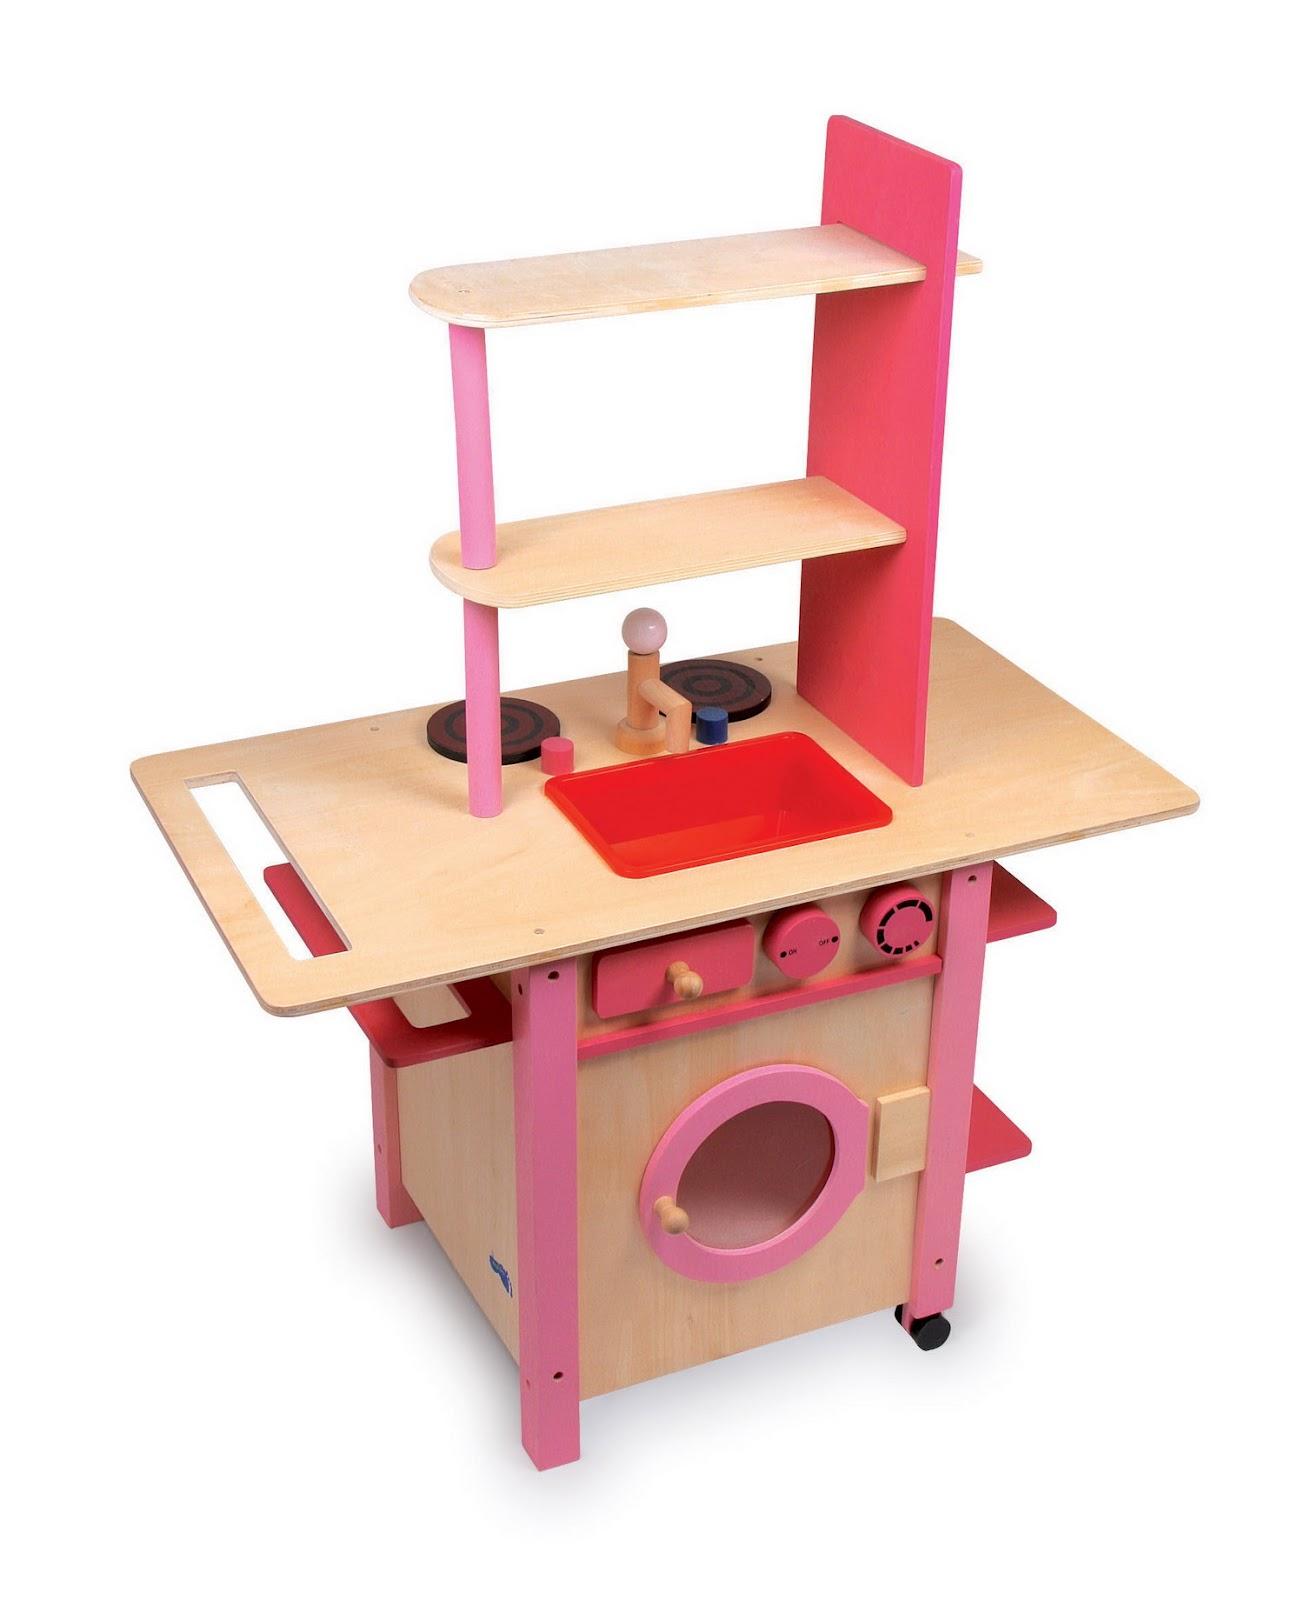 D Madera Y Mas Todo Tipo De Mobiliario # Muebles Didacticos Para Ninos